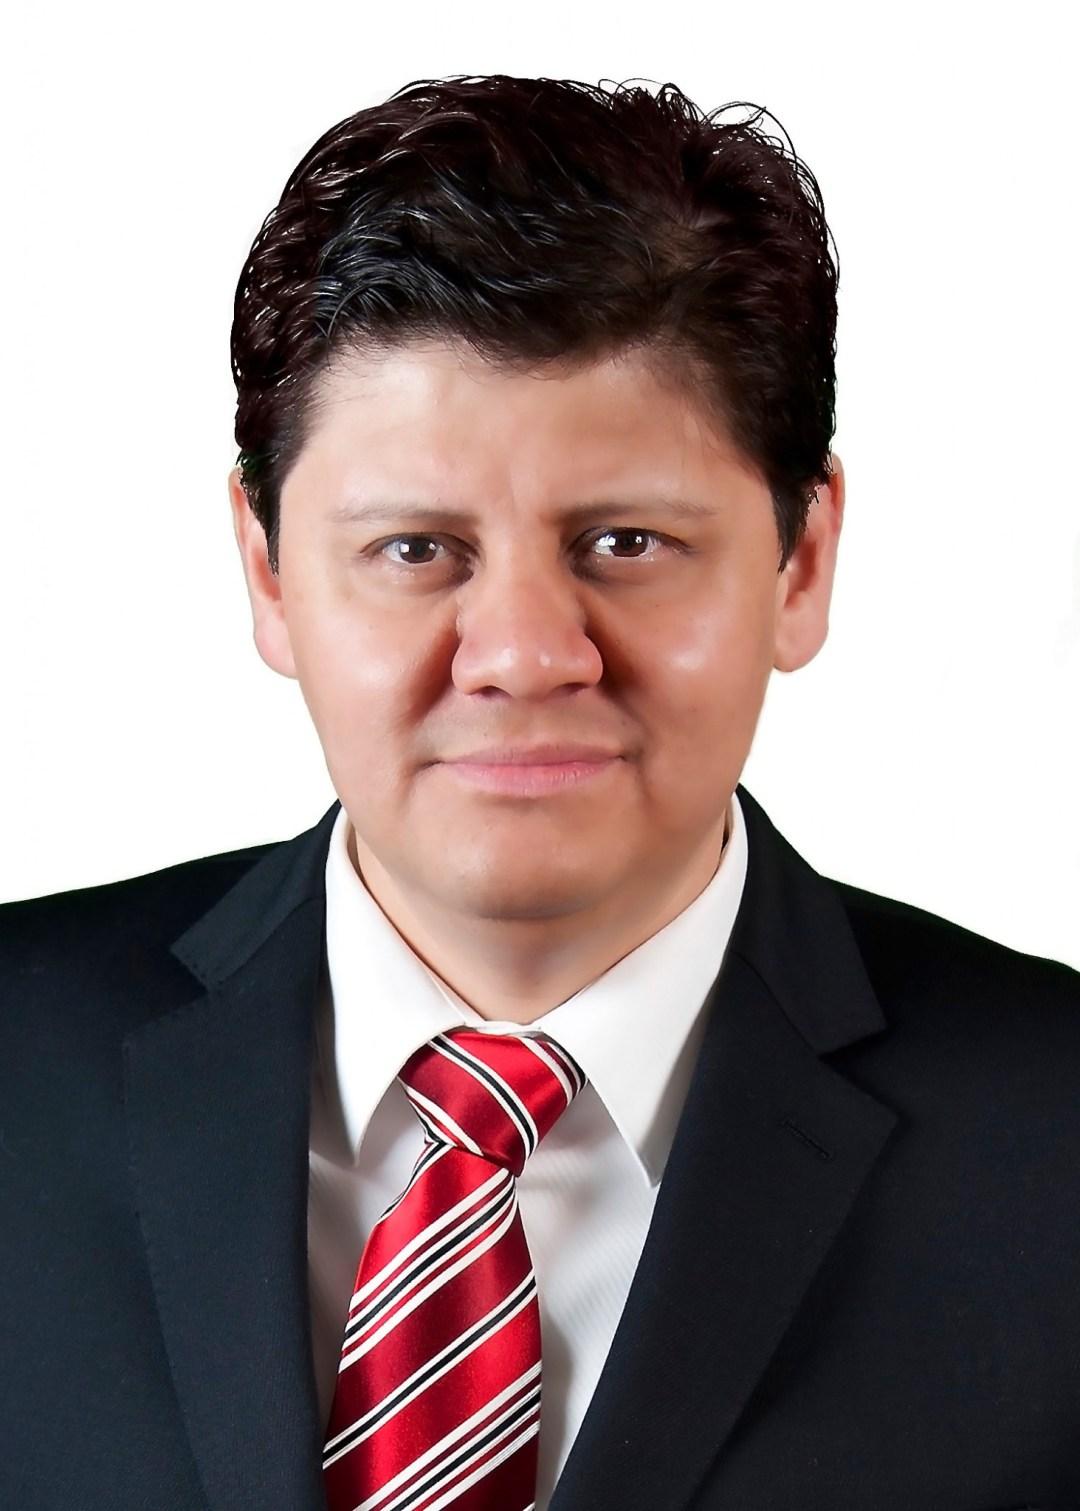 Carlos A. Murrieta